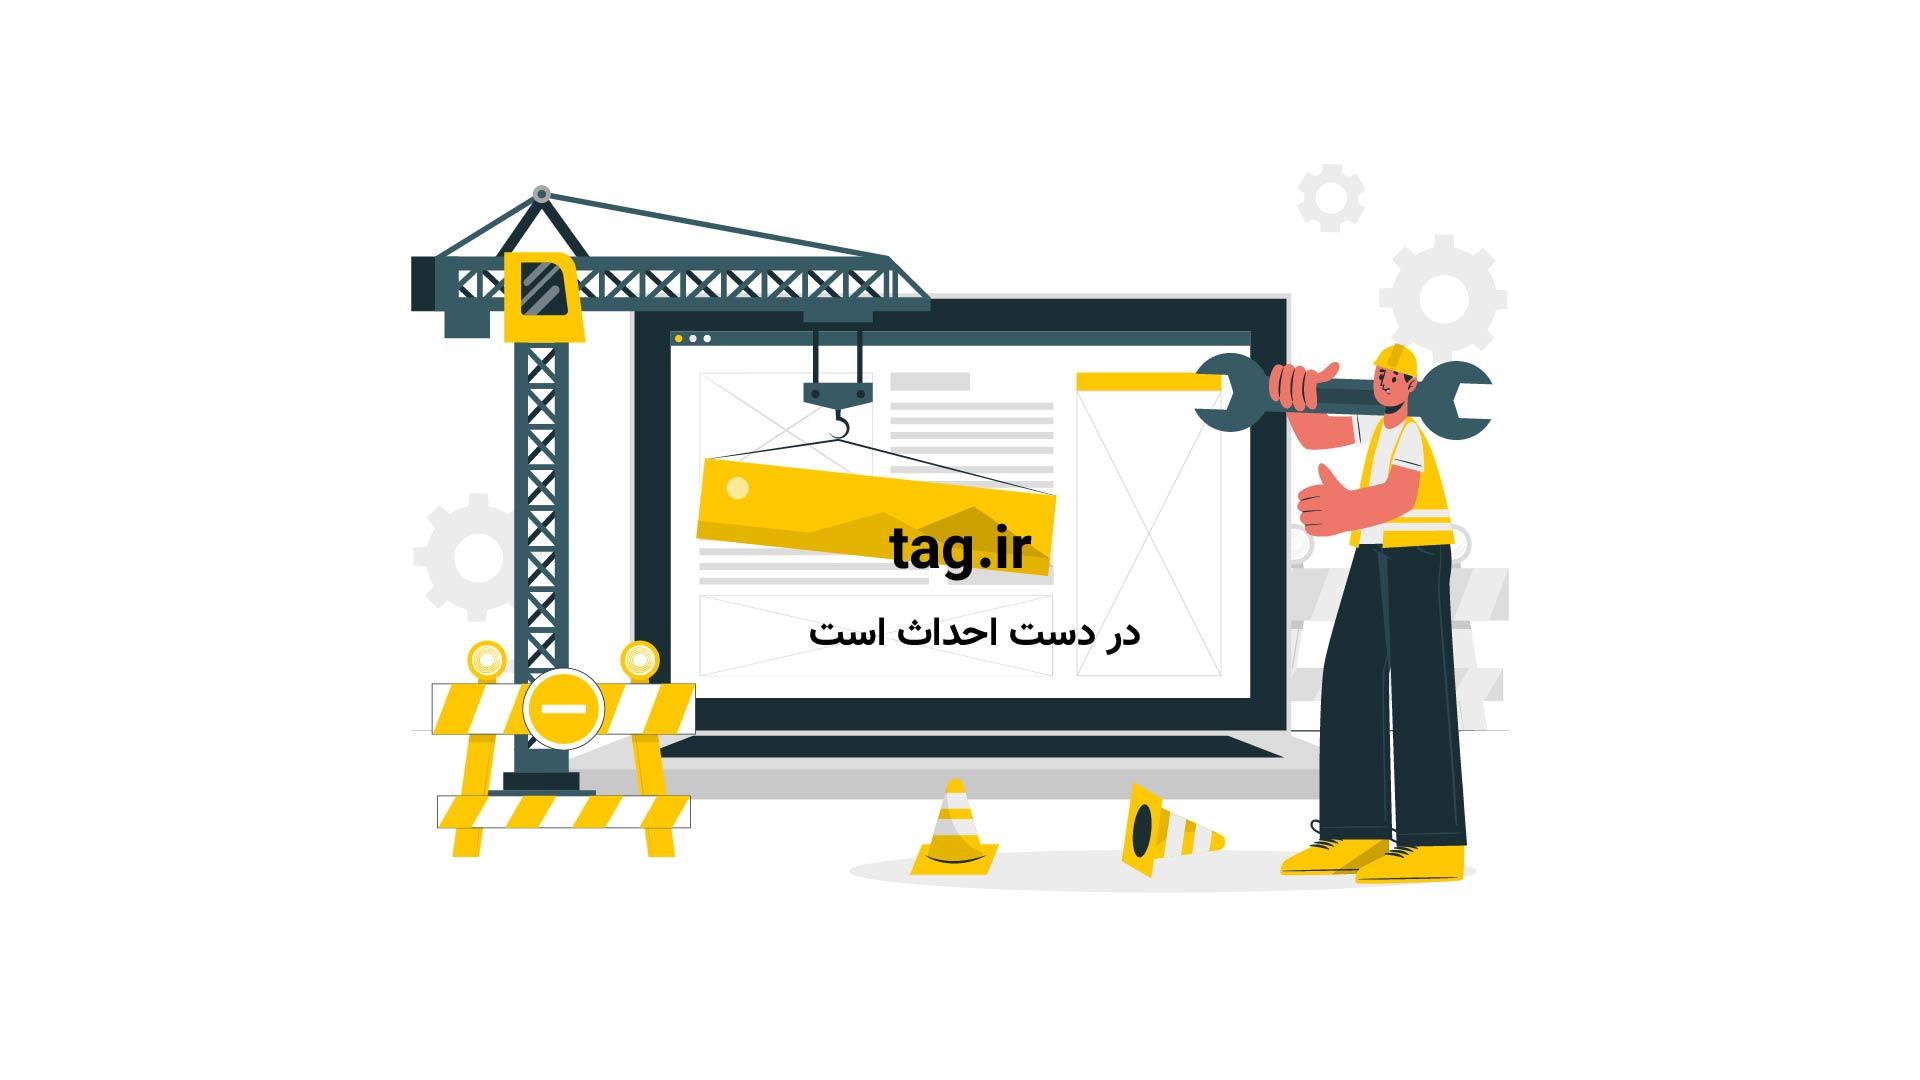 حسگر انسانی؛ طرحی برای سنجش آلودگی هوا + فیلم